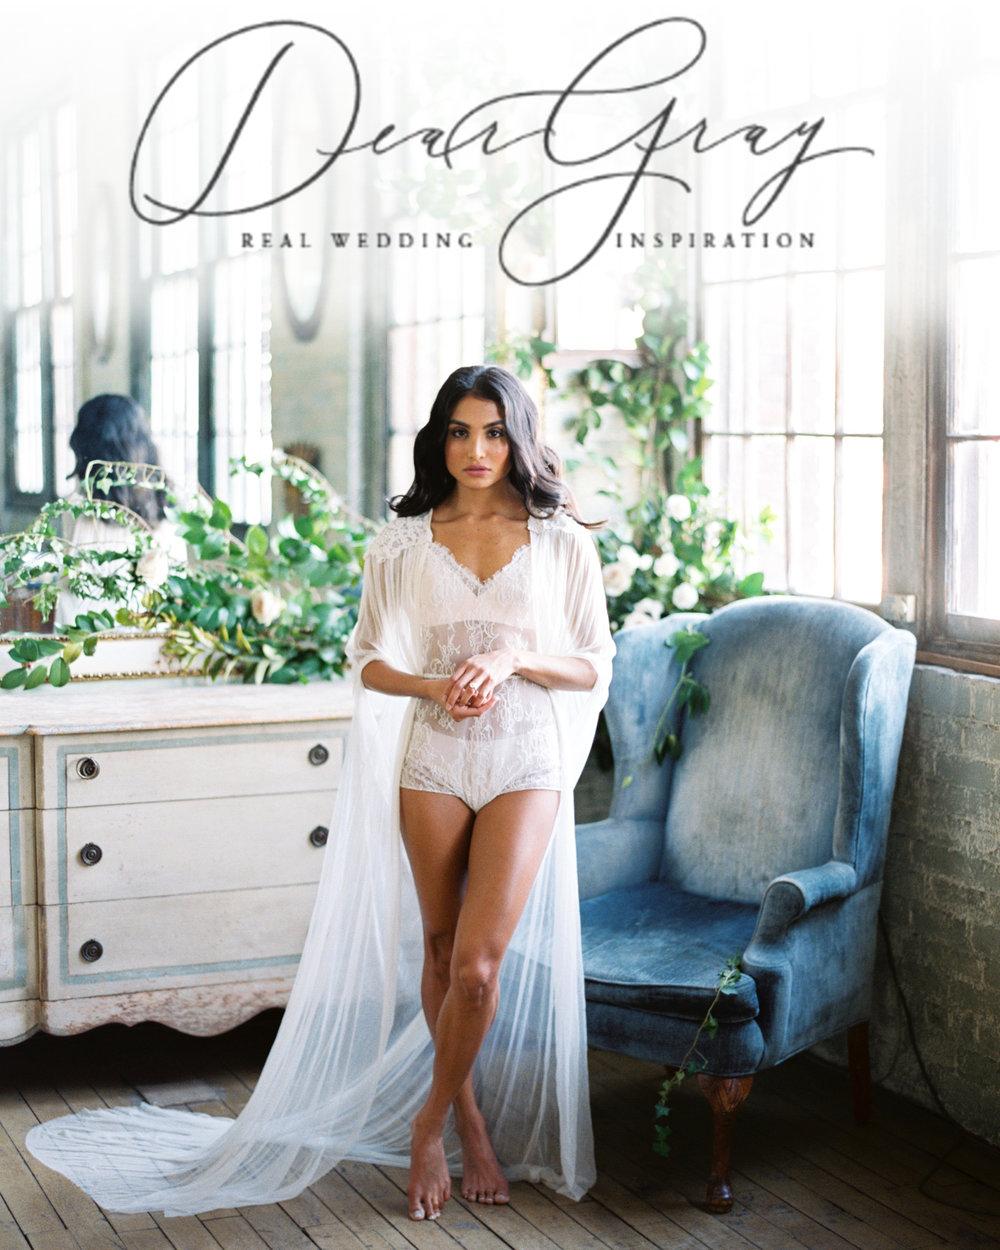 Julian Navarette Dear Gray Magazine  Issue Two